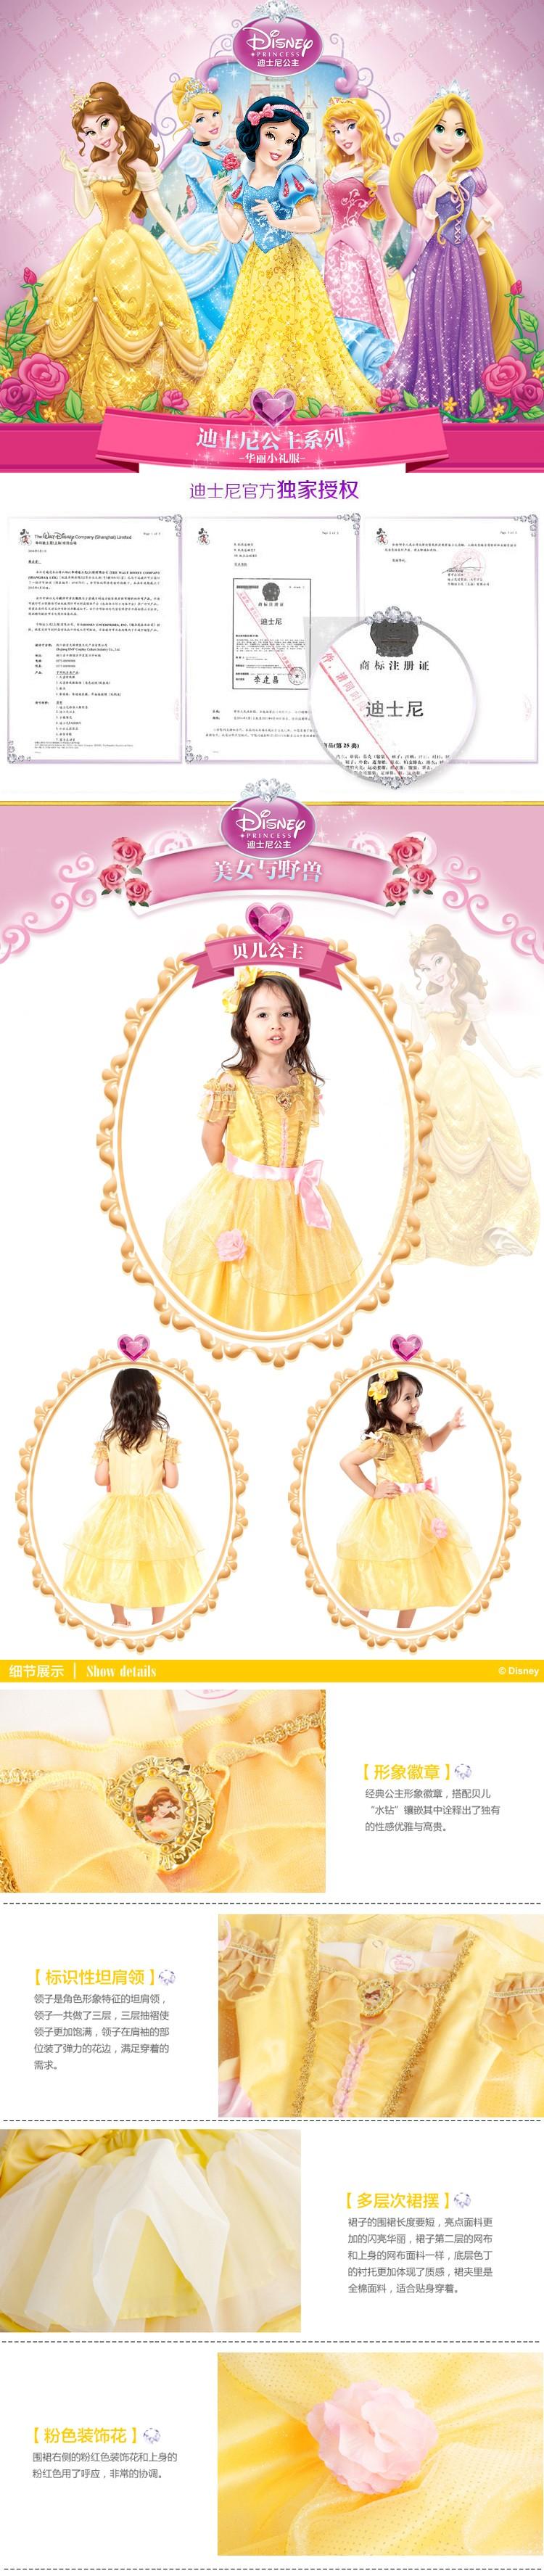 迪士尼时尚贝儿公主裙